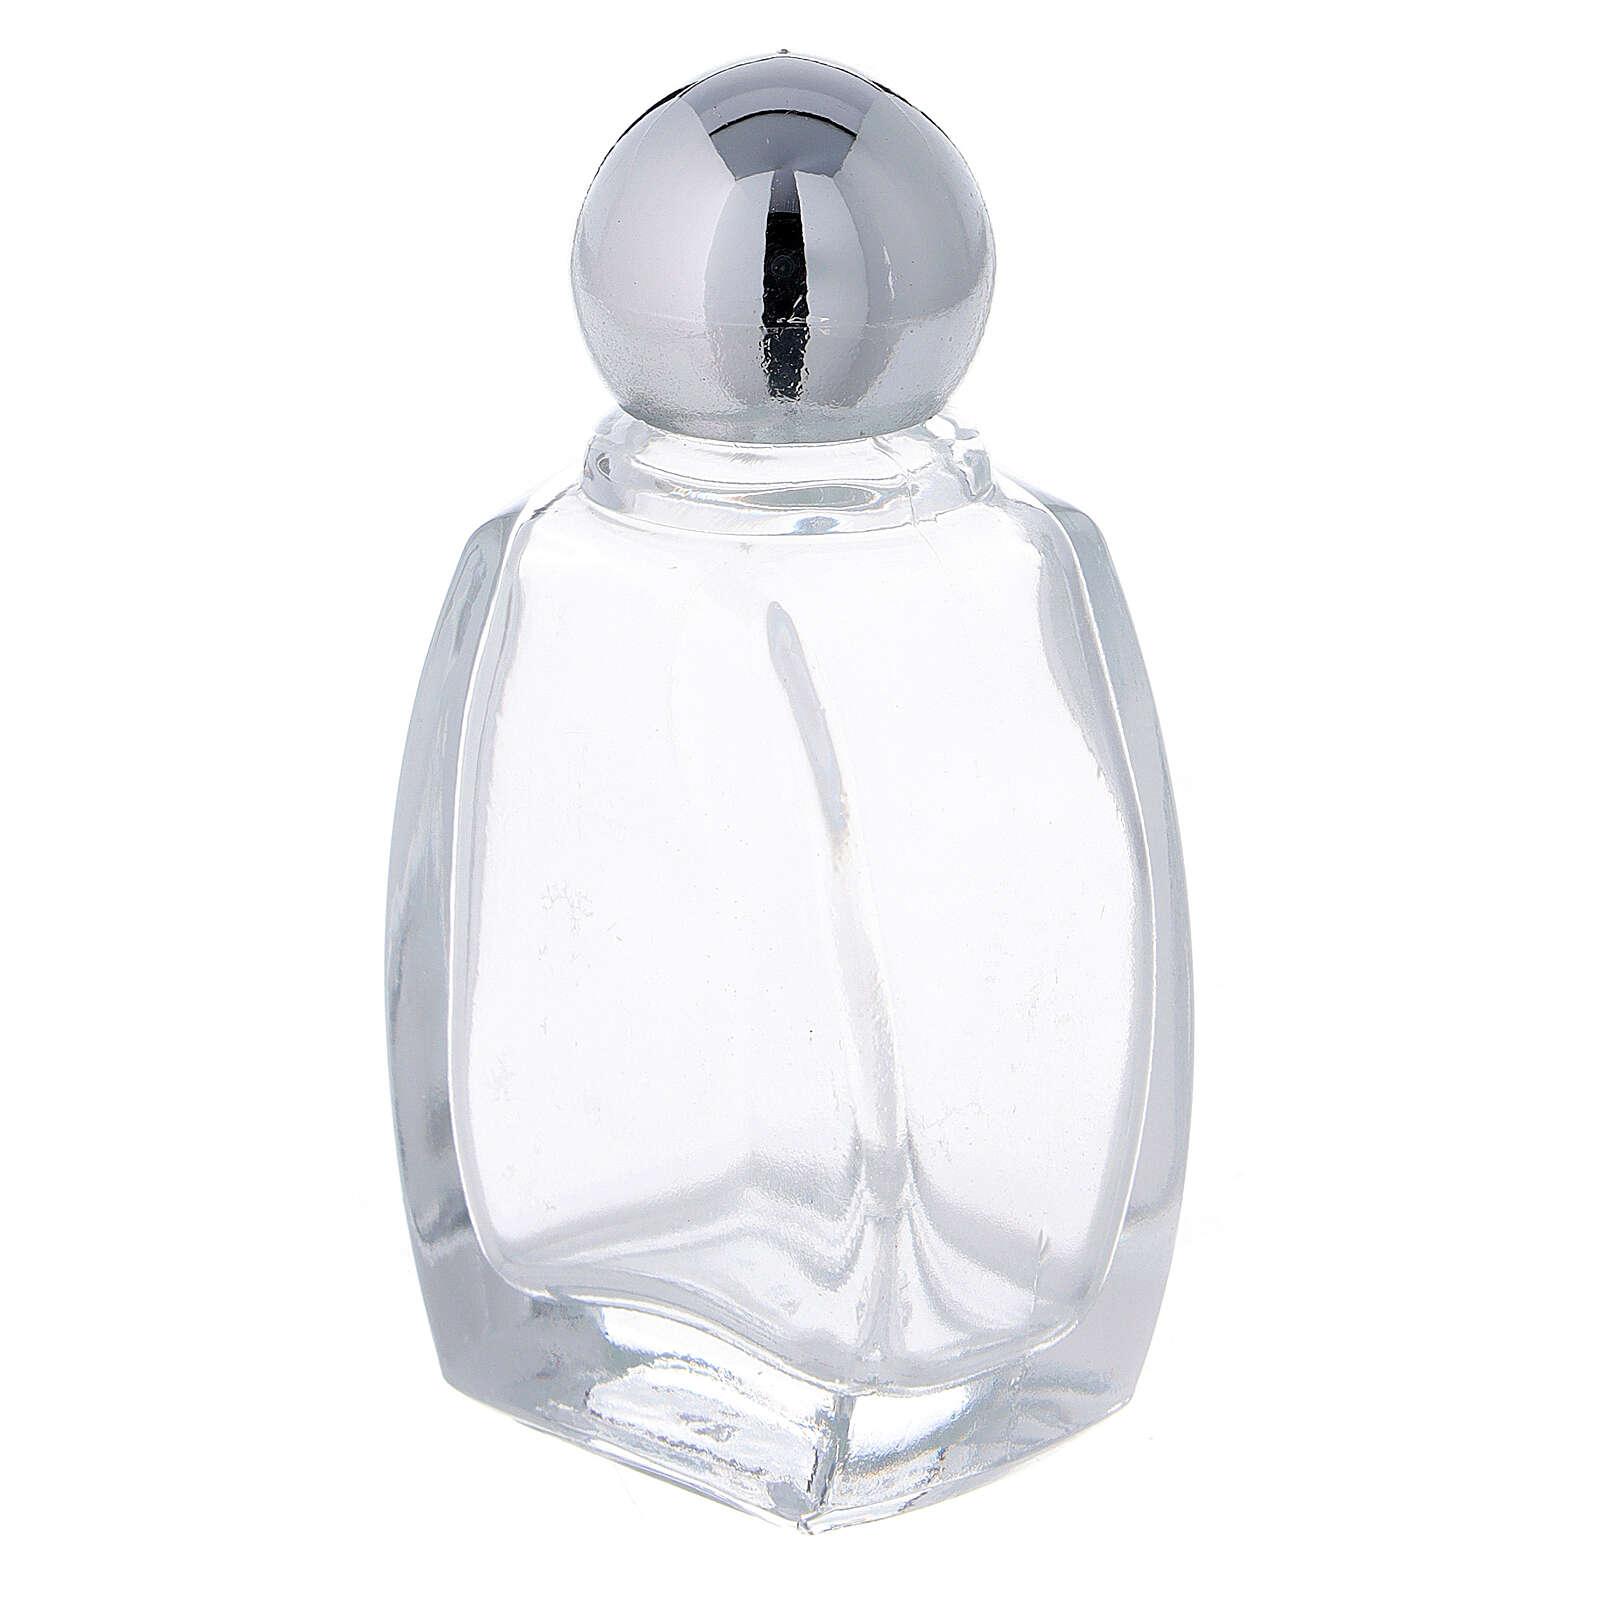 Garrafinhas para água benta em vidro 15 ml (EMBALAGEM 50 UNIDADES) 3